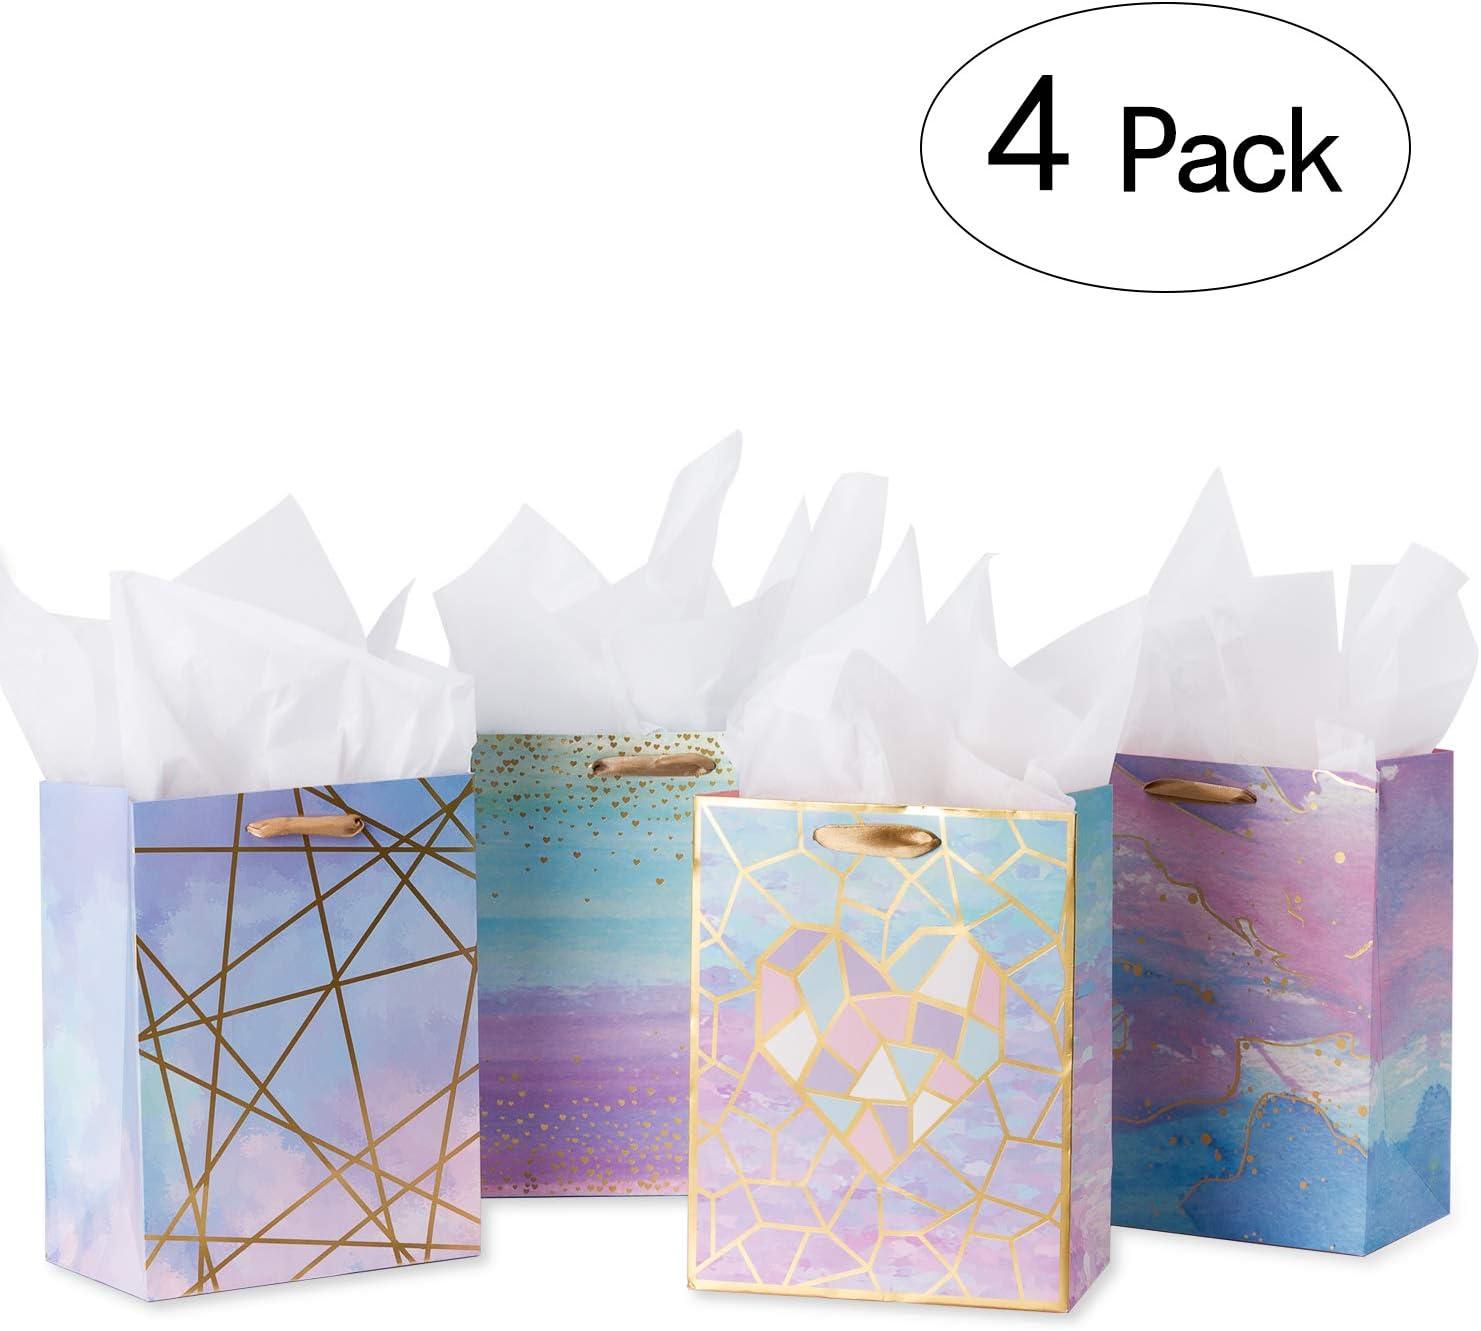 Feste Loveinside Sacchetti Regalo di Medie Dimensioni-Coloful Borsa Regalo in Marmo con Carta Velina per Shopping Baby Shower Craf-4 Pack-18 X 23 X10CM Matrimonio